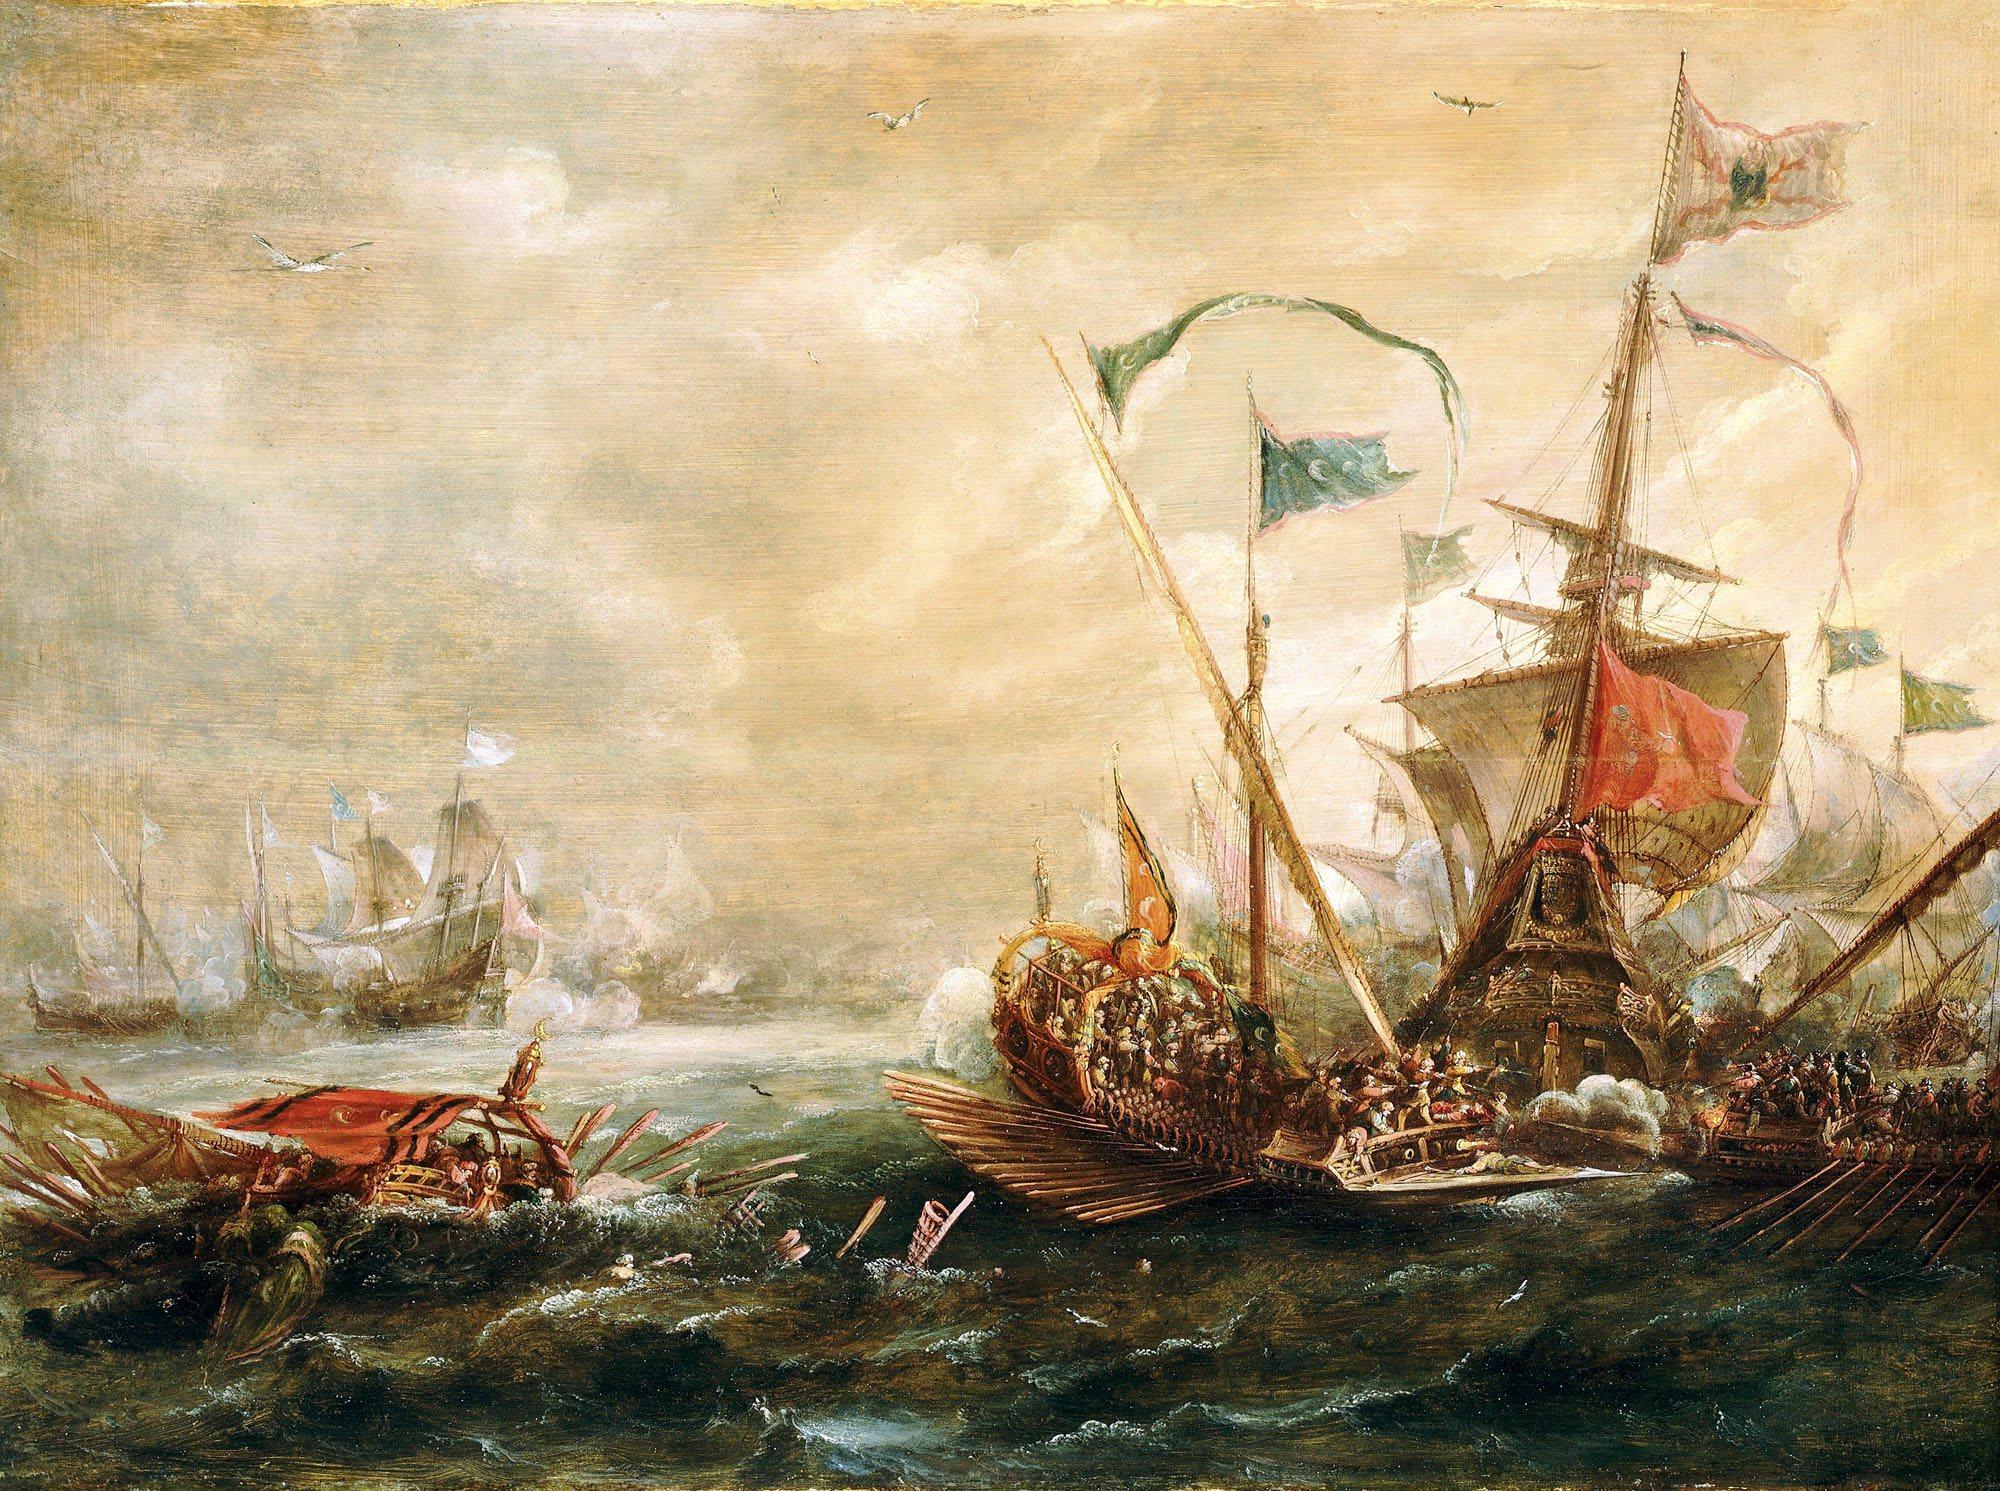 Asalto en el mar. Óleo sobre lienzo. Andries van Eertvelt, 1620